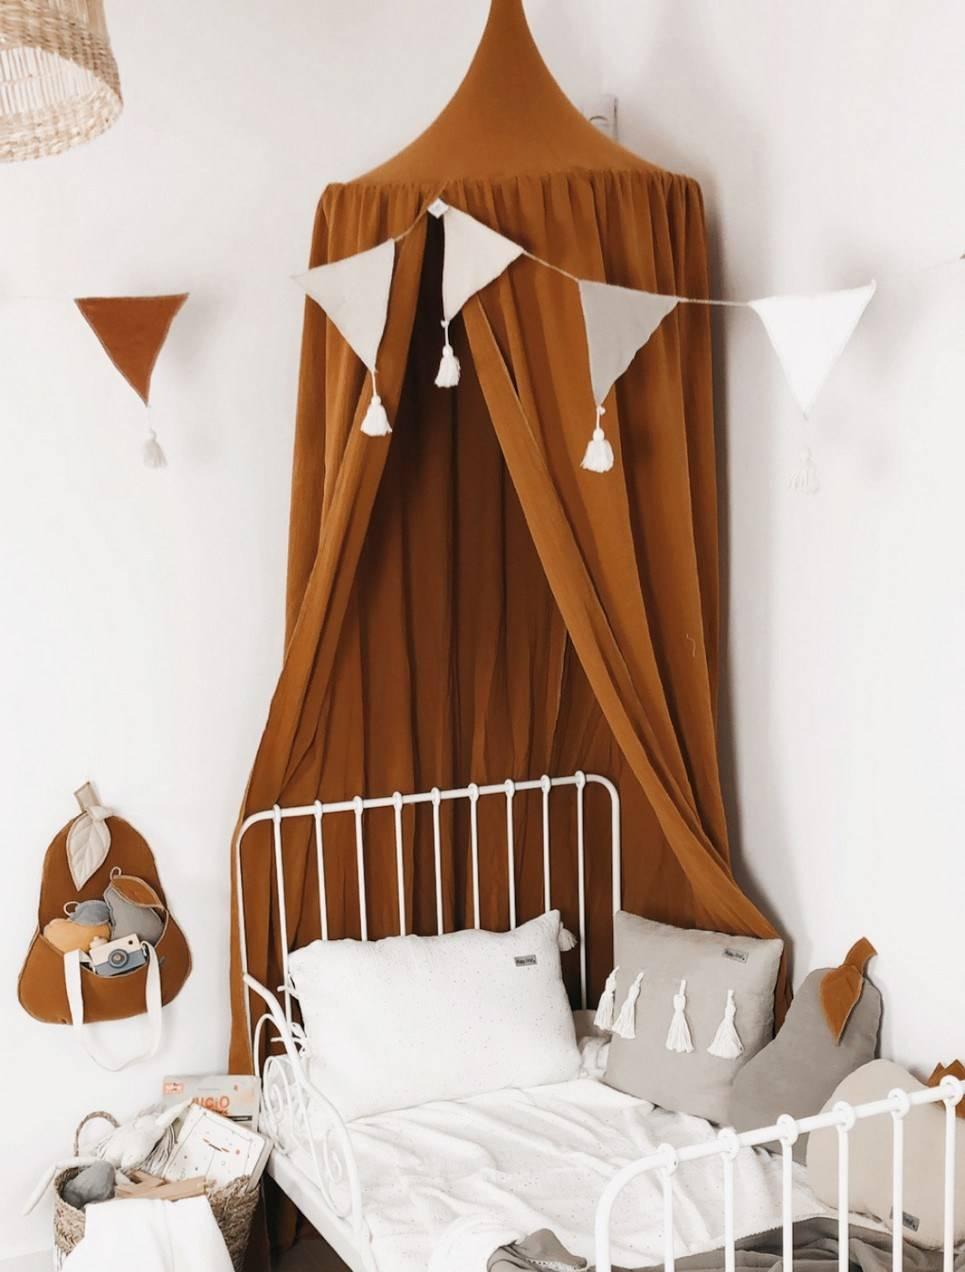 Baldachin Caramel Children's Bed Canopy